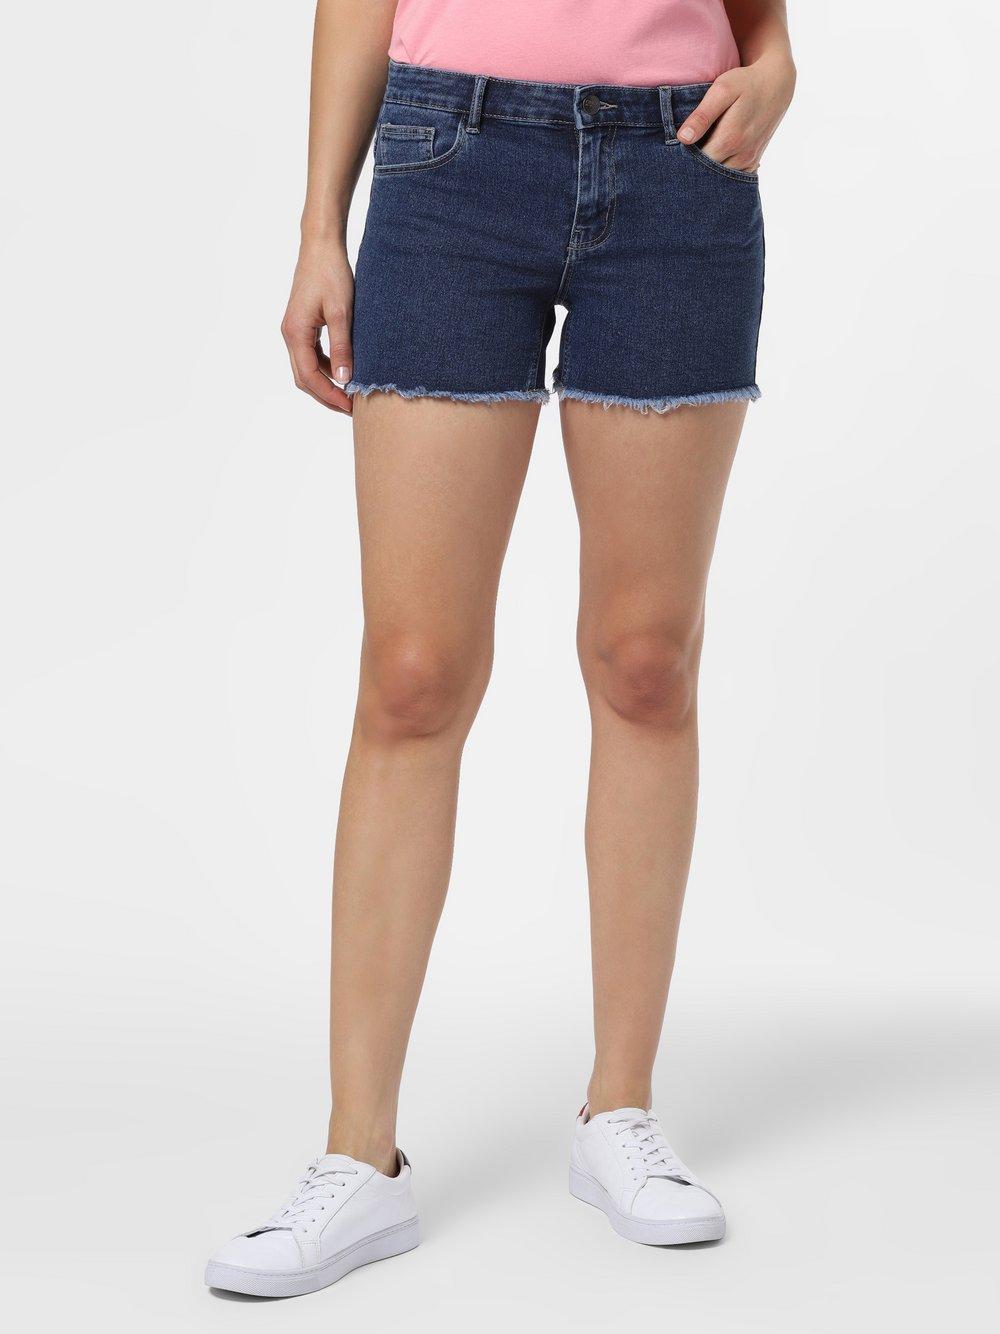 ONLY - Damskie krótkie spodenki jeansowe – ONLSun, niebieski